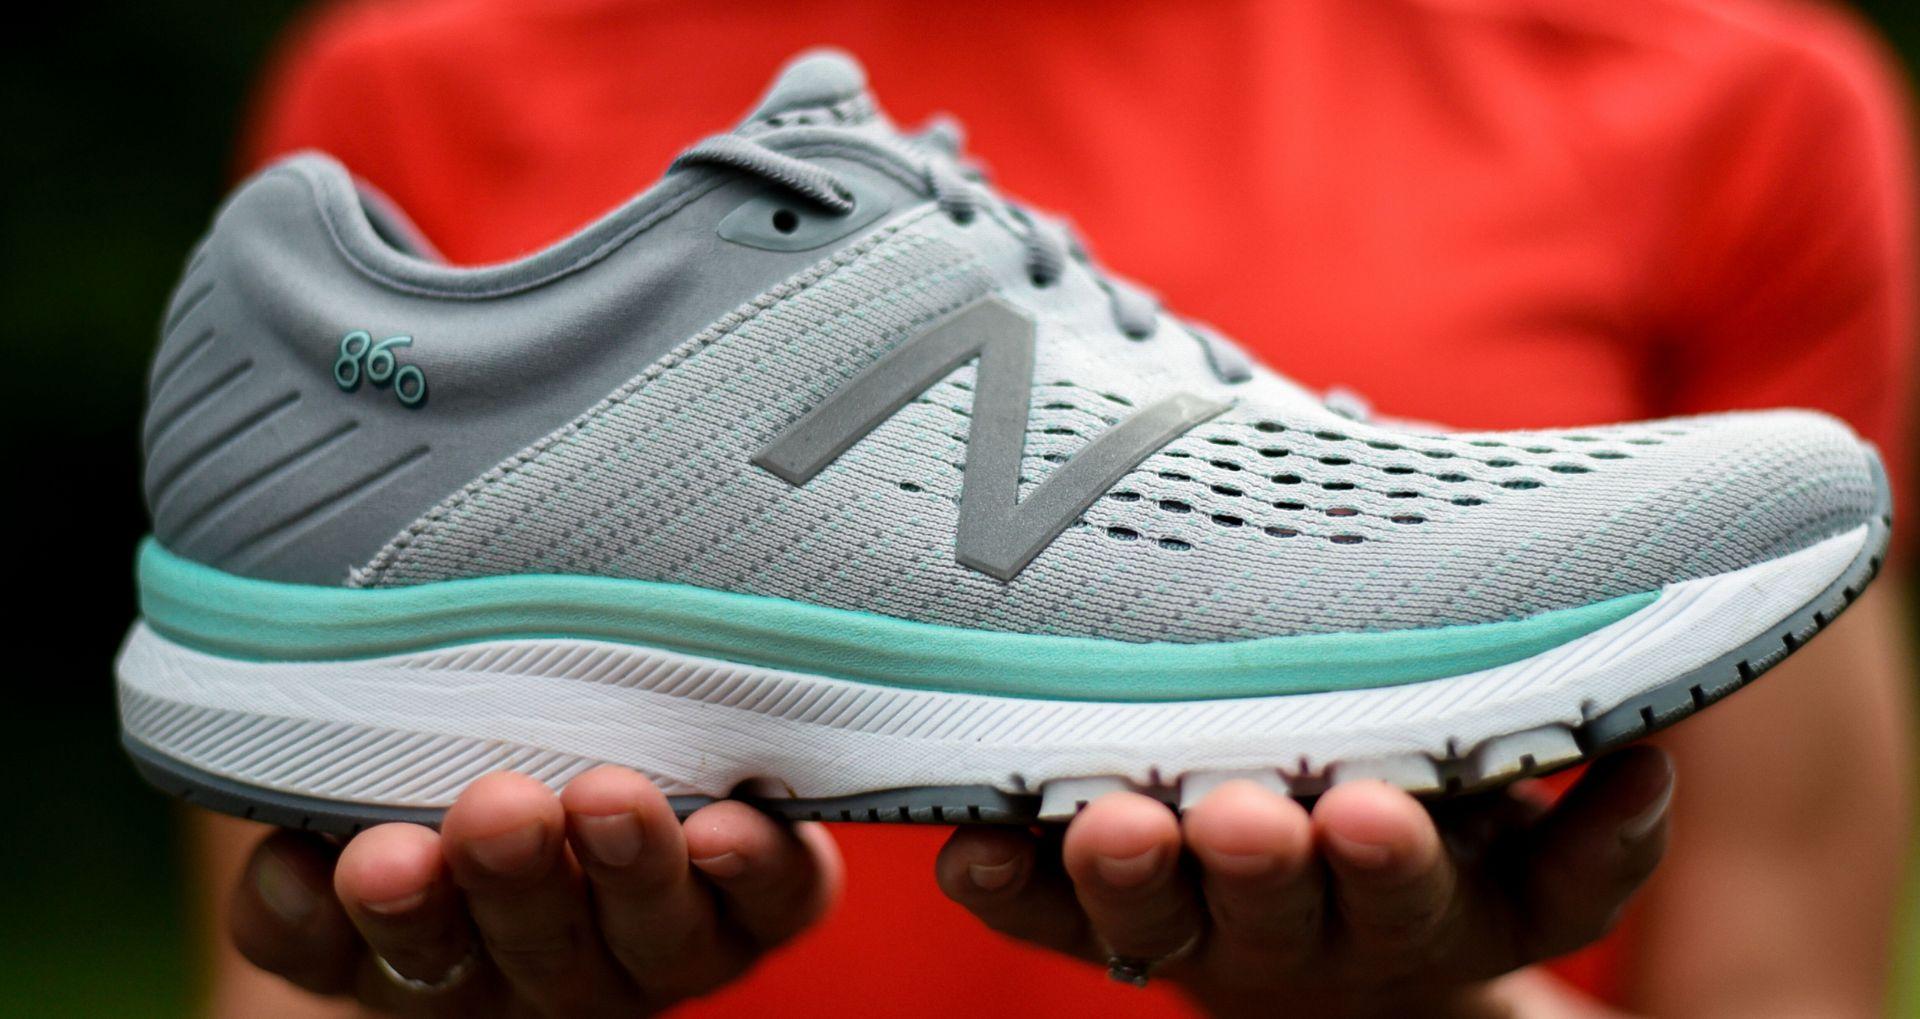 Best Running Shoe Brands 2020 | Buyer's